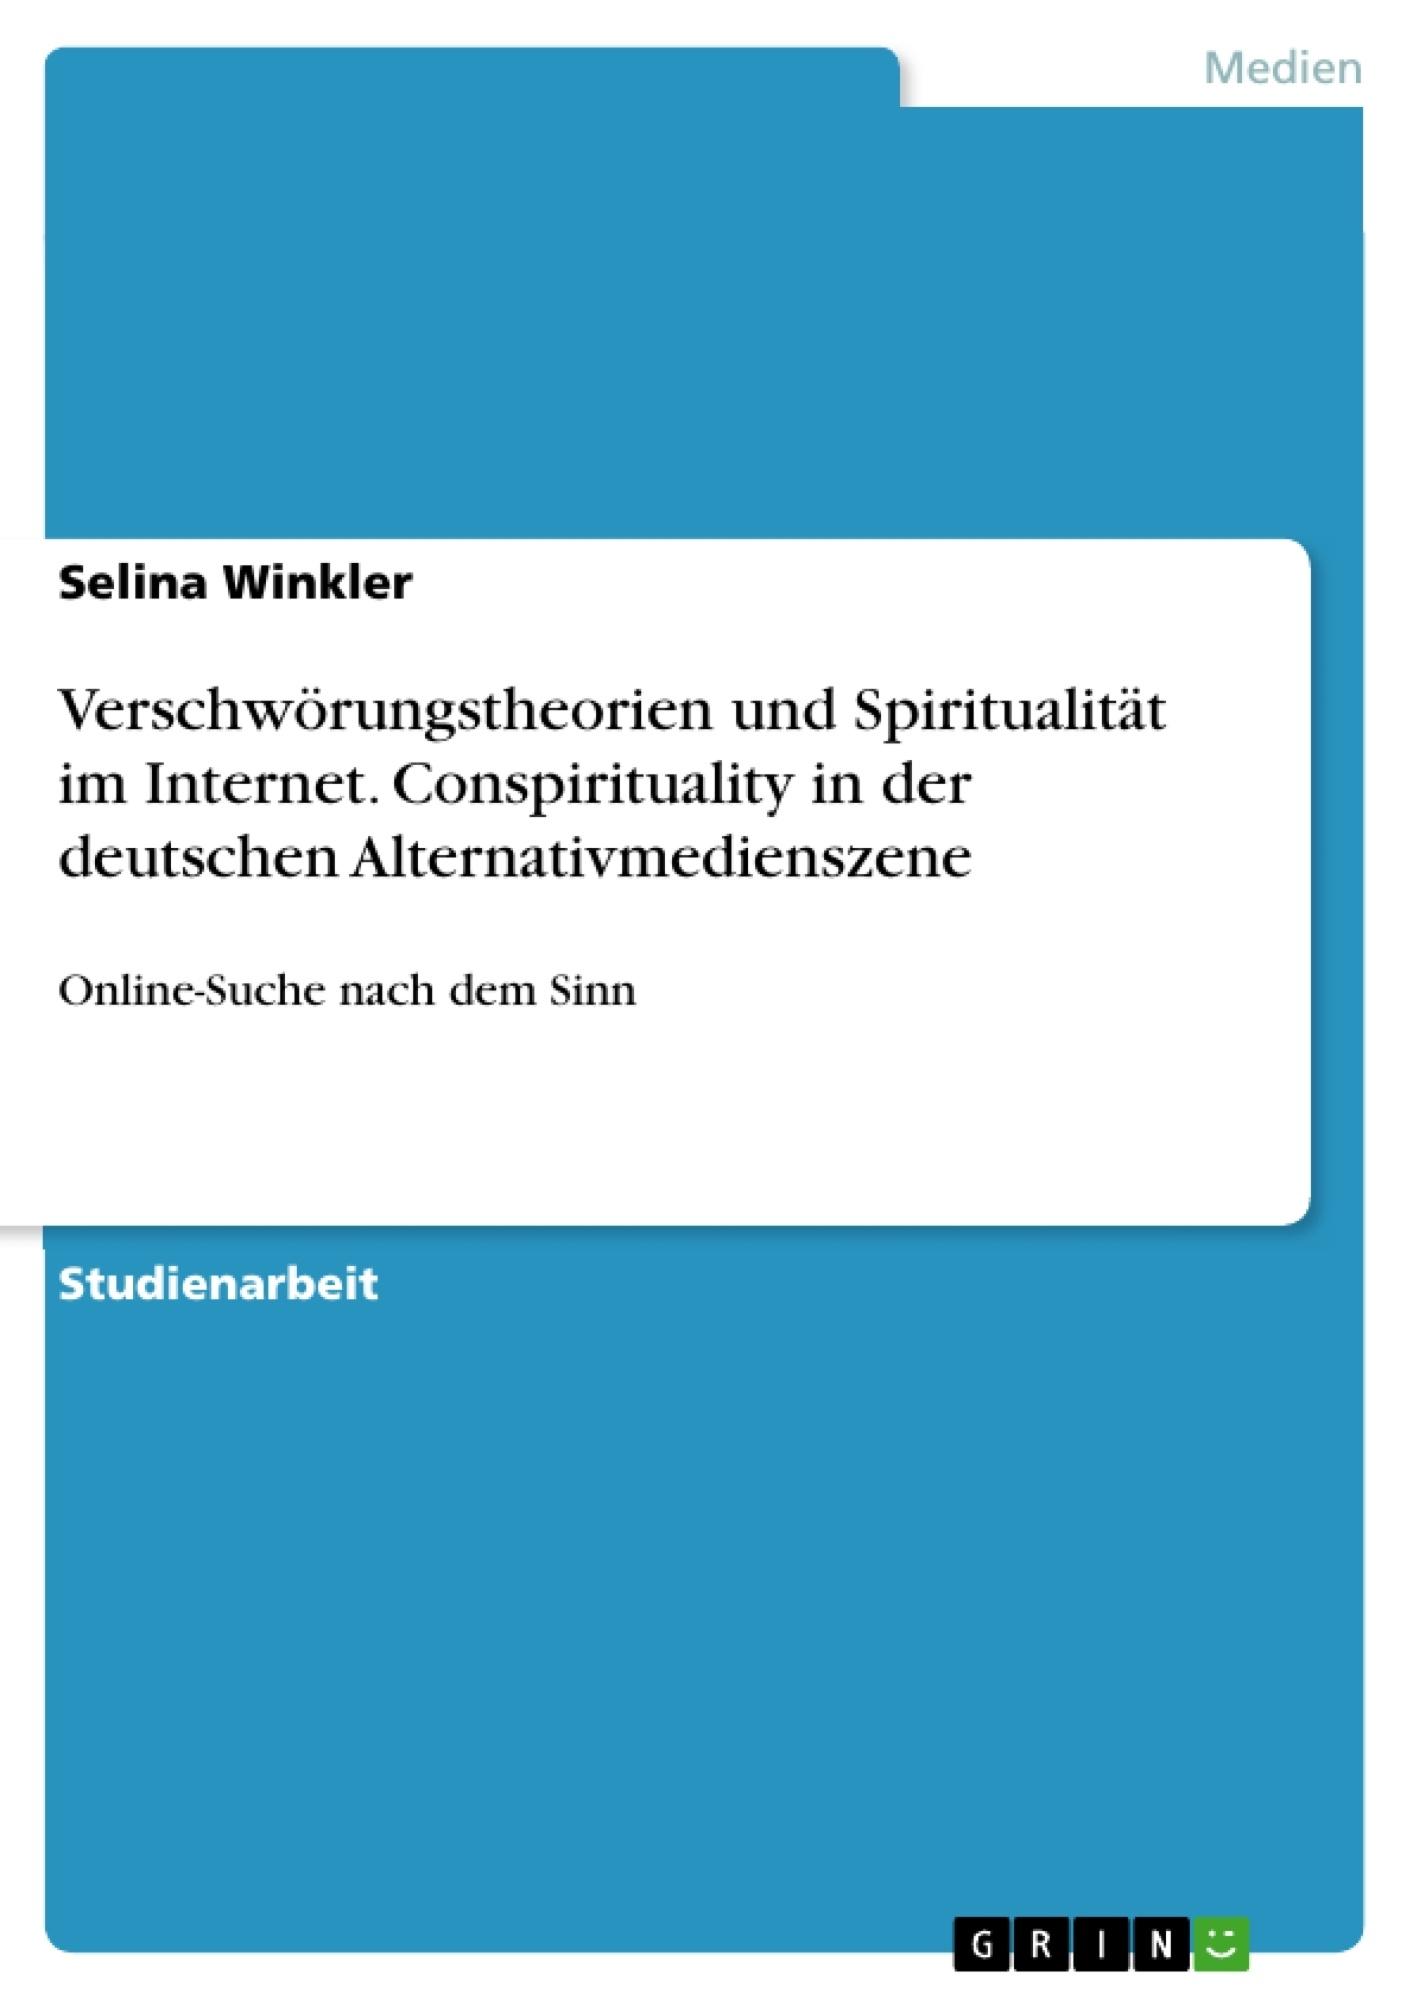 Titel: Verschwörungstheorien und Spiritualität im Internet. Conspirituality in der deutschen Alternativmedienszene